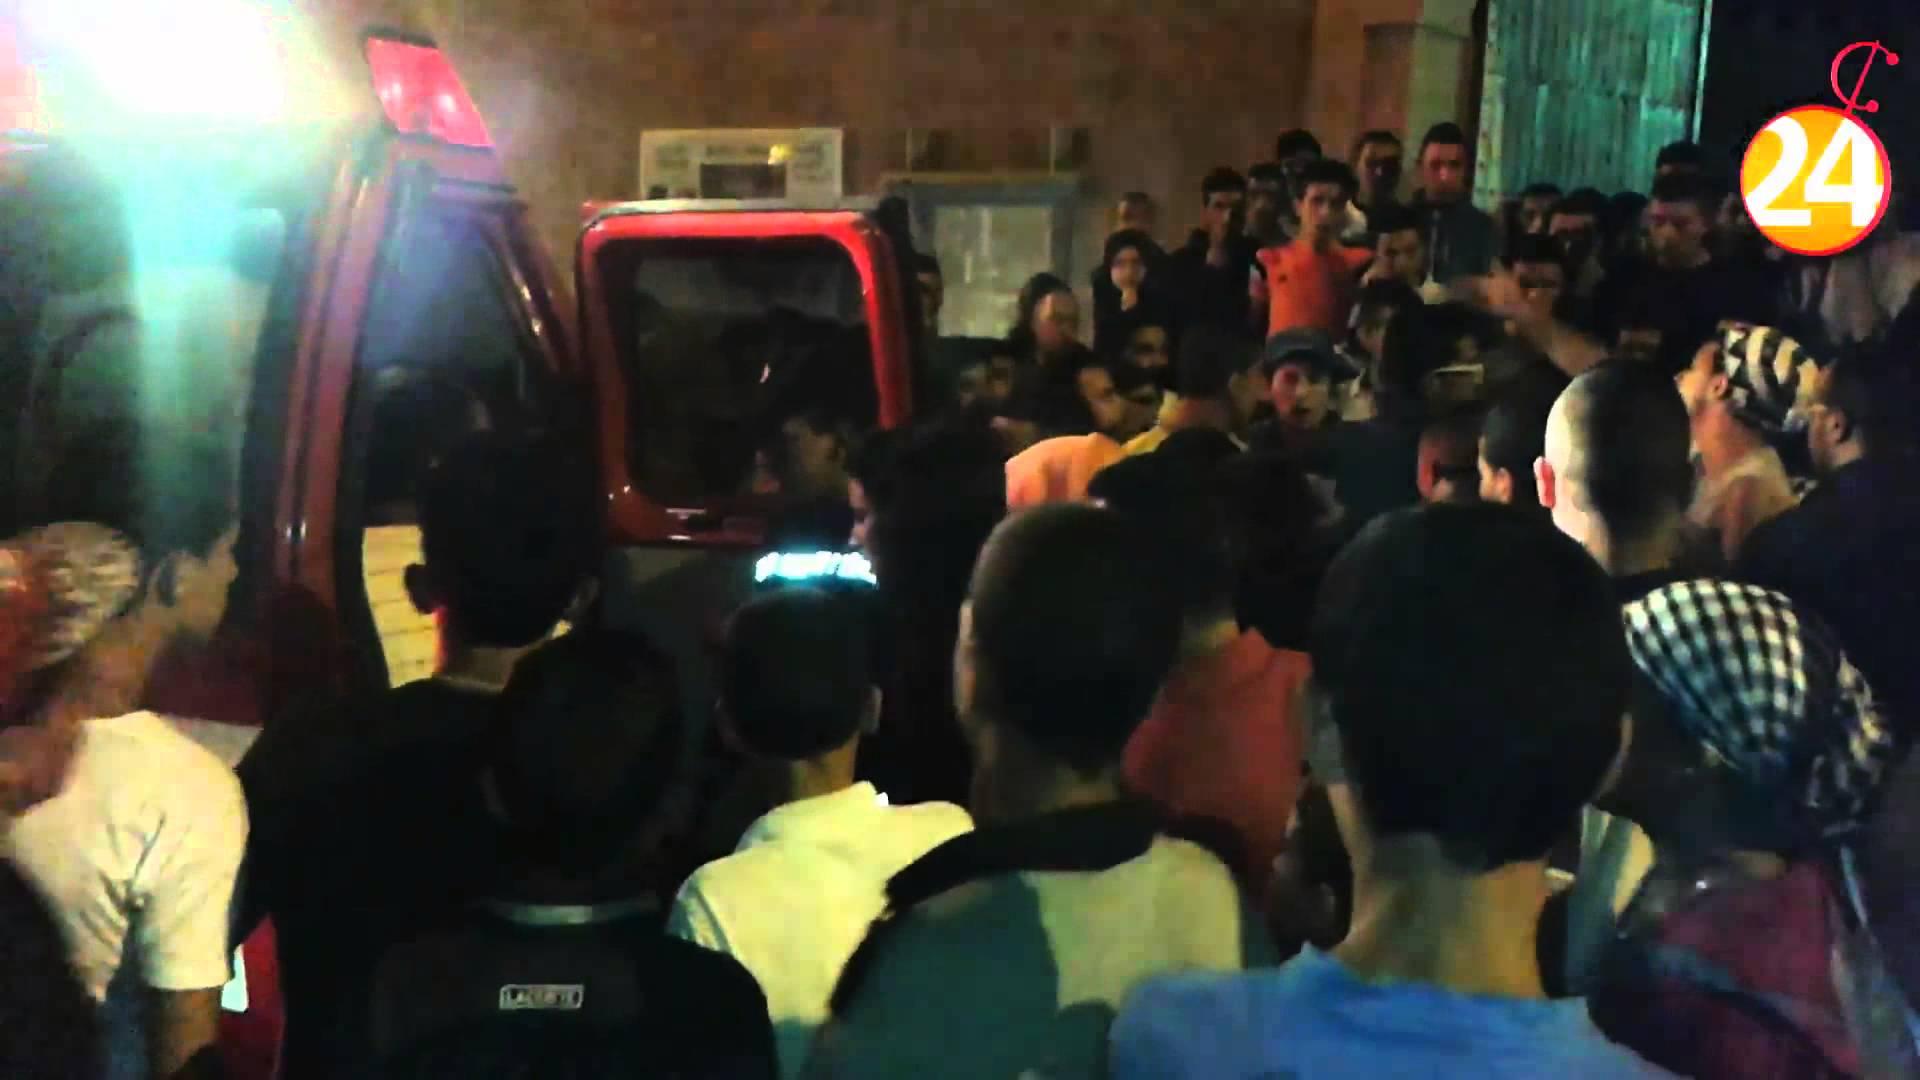 اصابة فتاة بحجارة فى حفل بقصبة أغناج